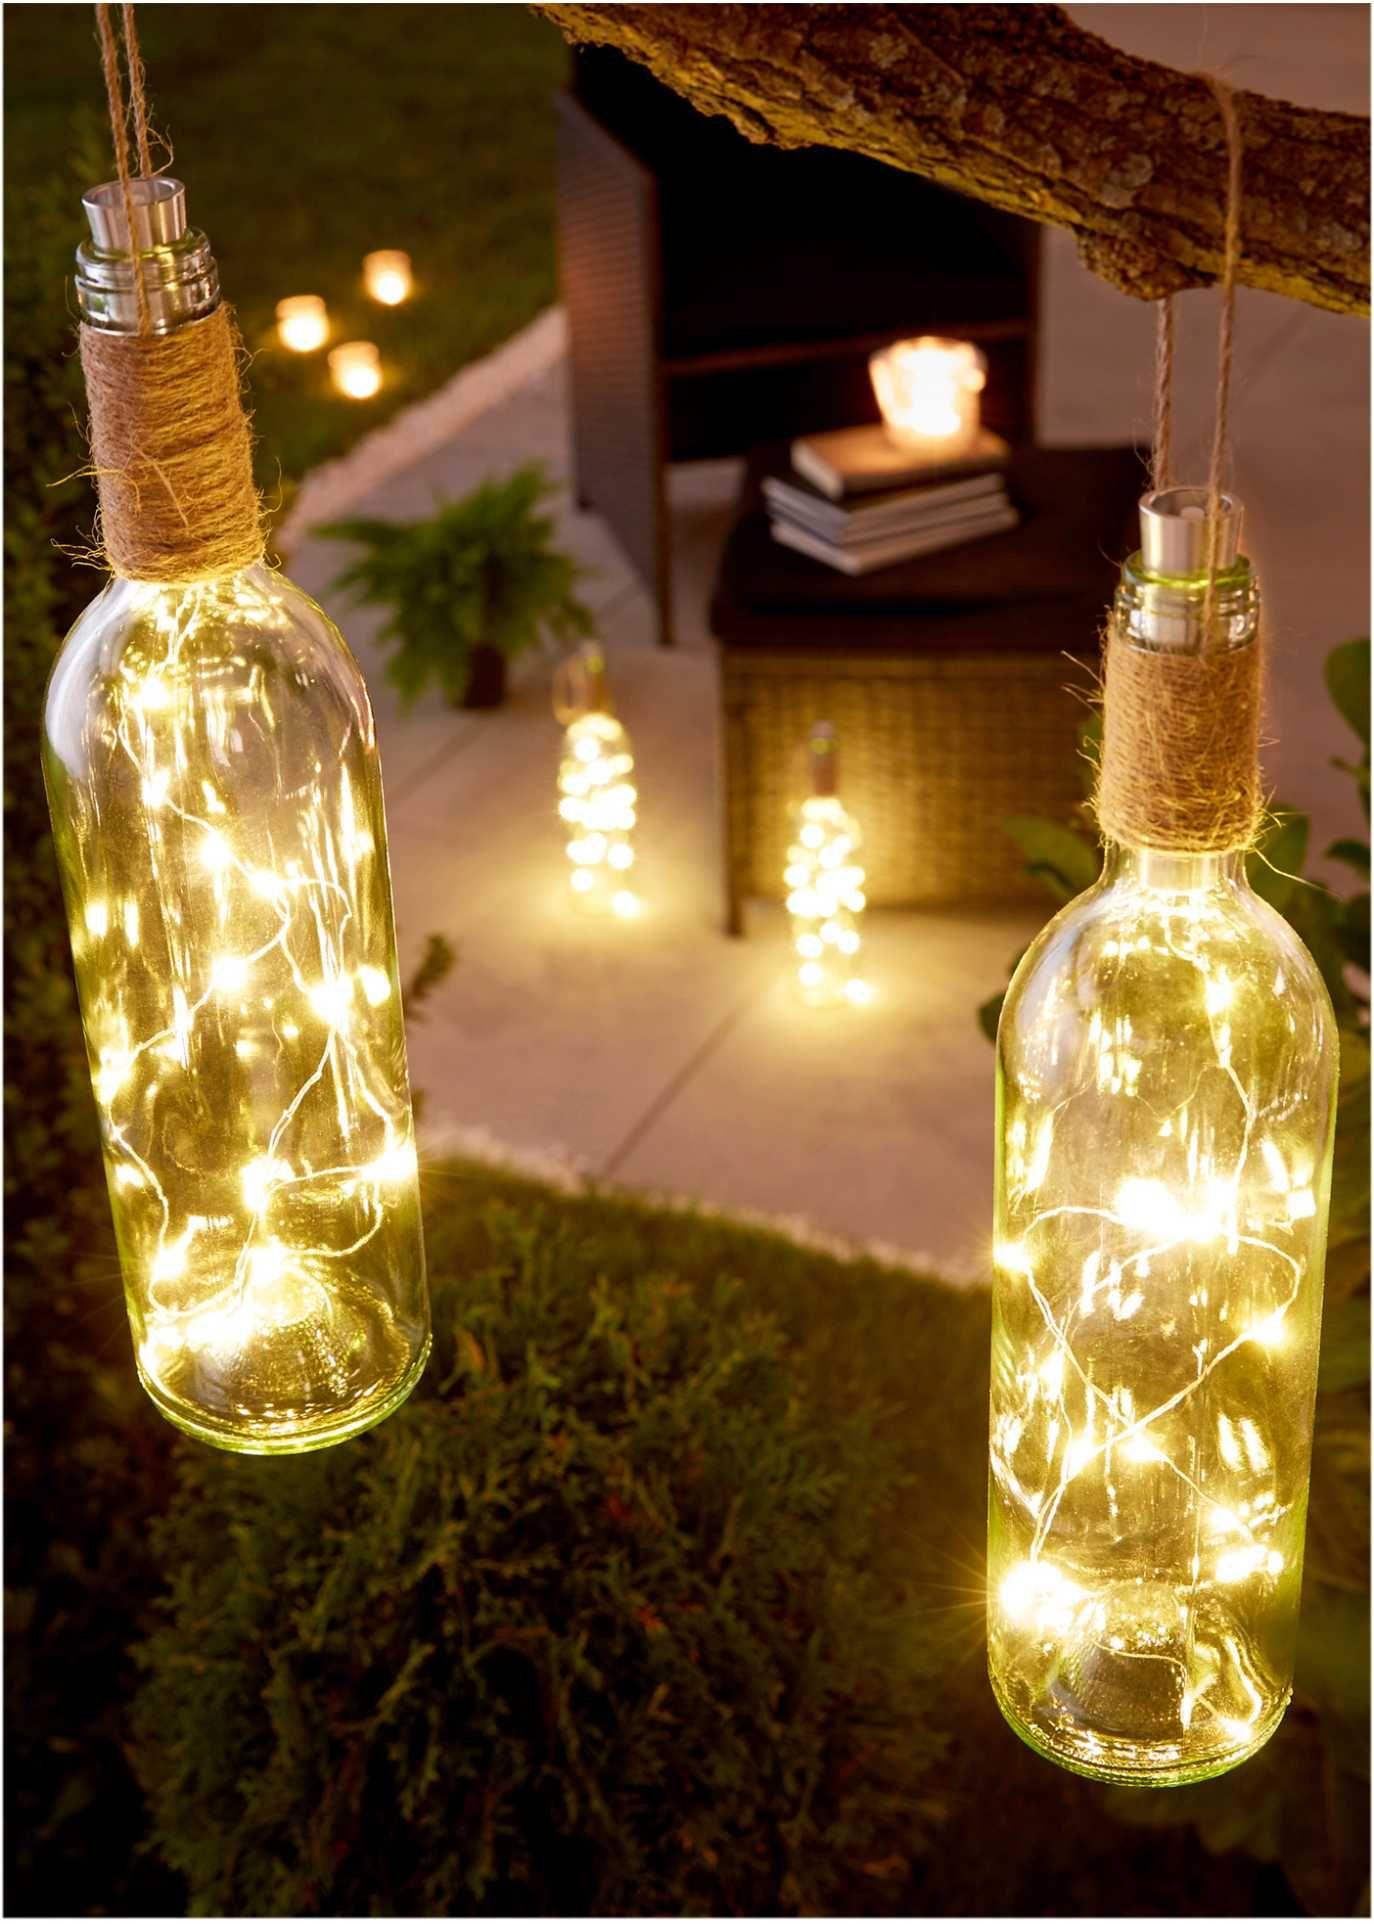 Led Dekoration Vinflaska Diy Weihnachtsdekoration Weinflaschen Dekorieren Weinflasche